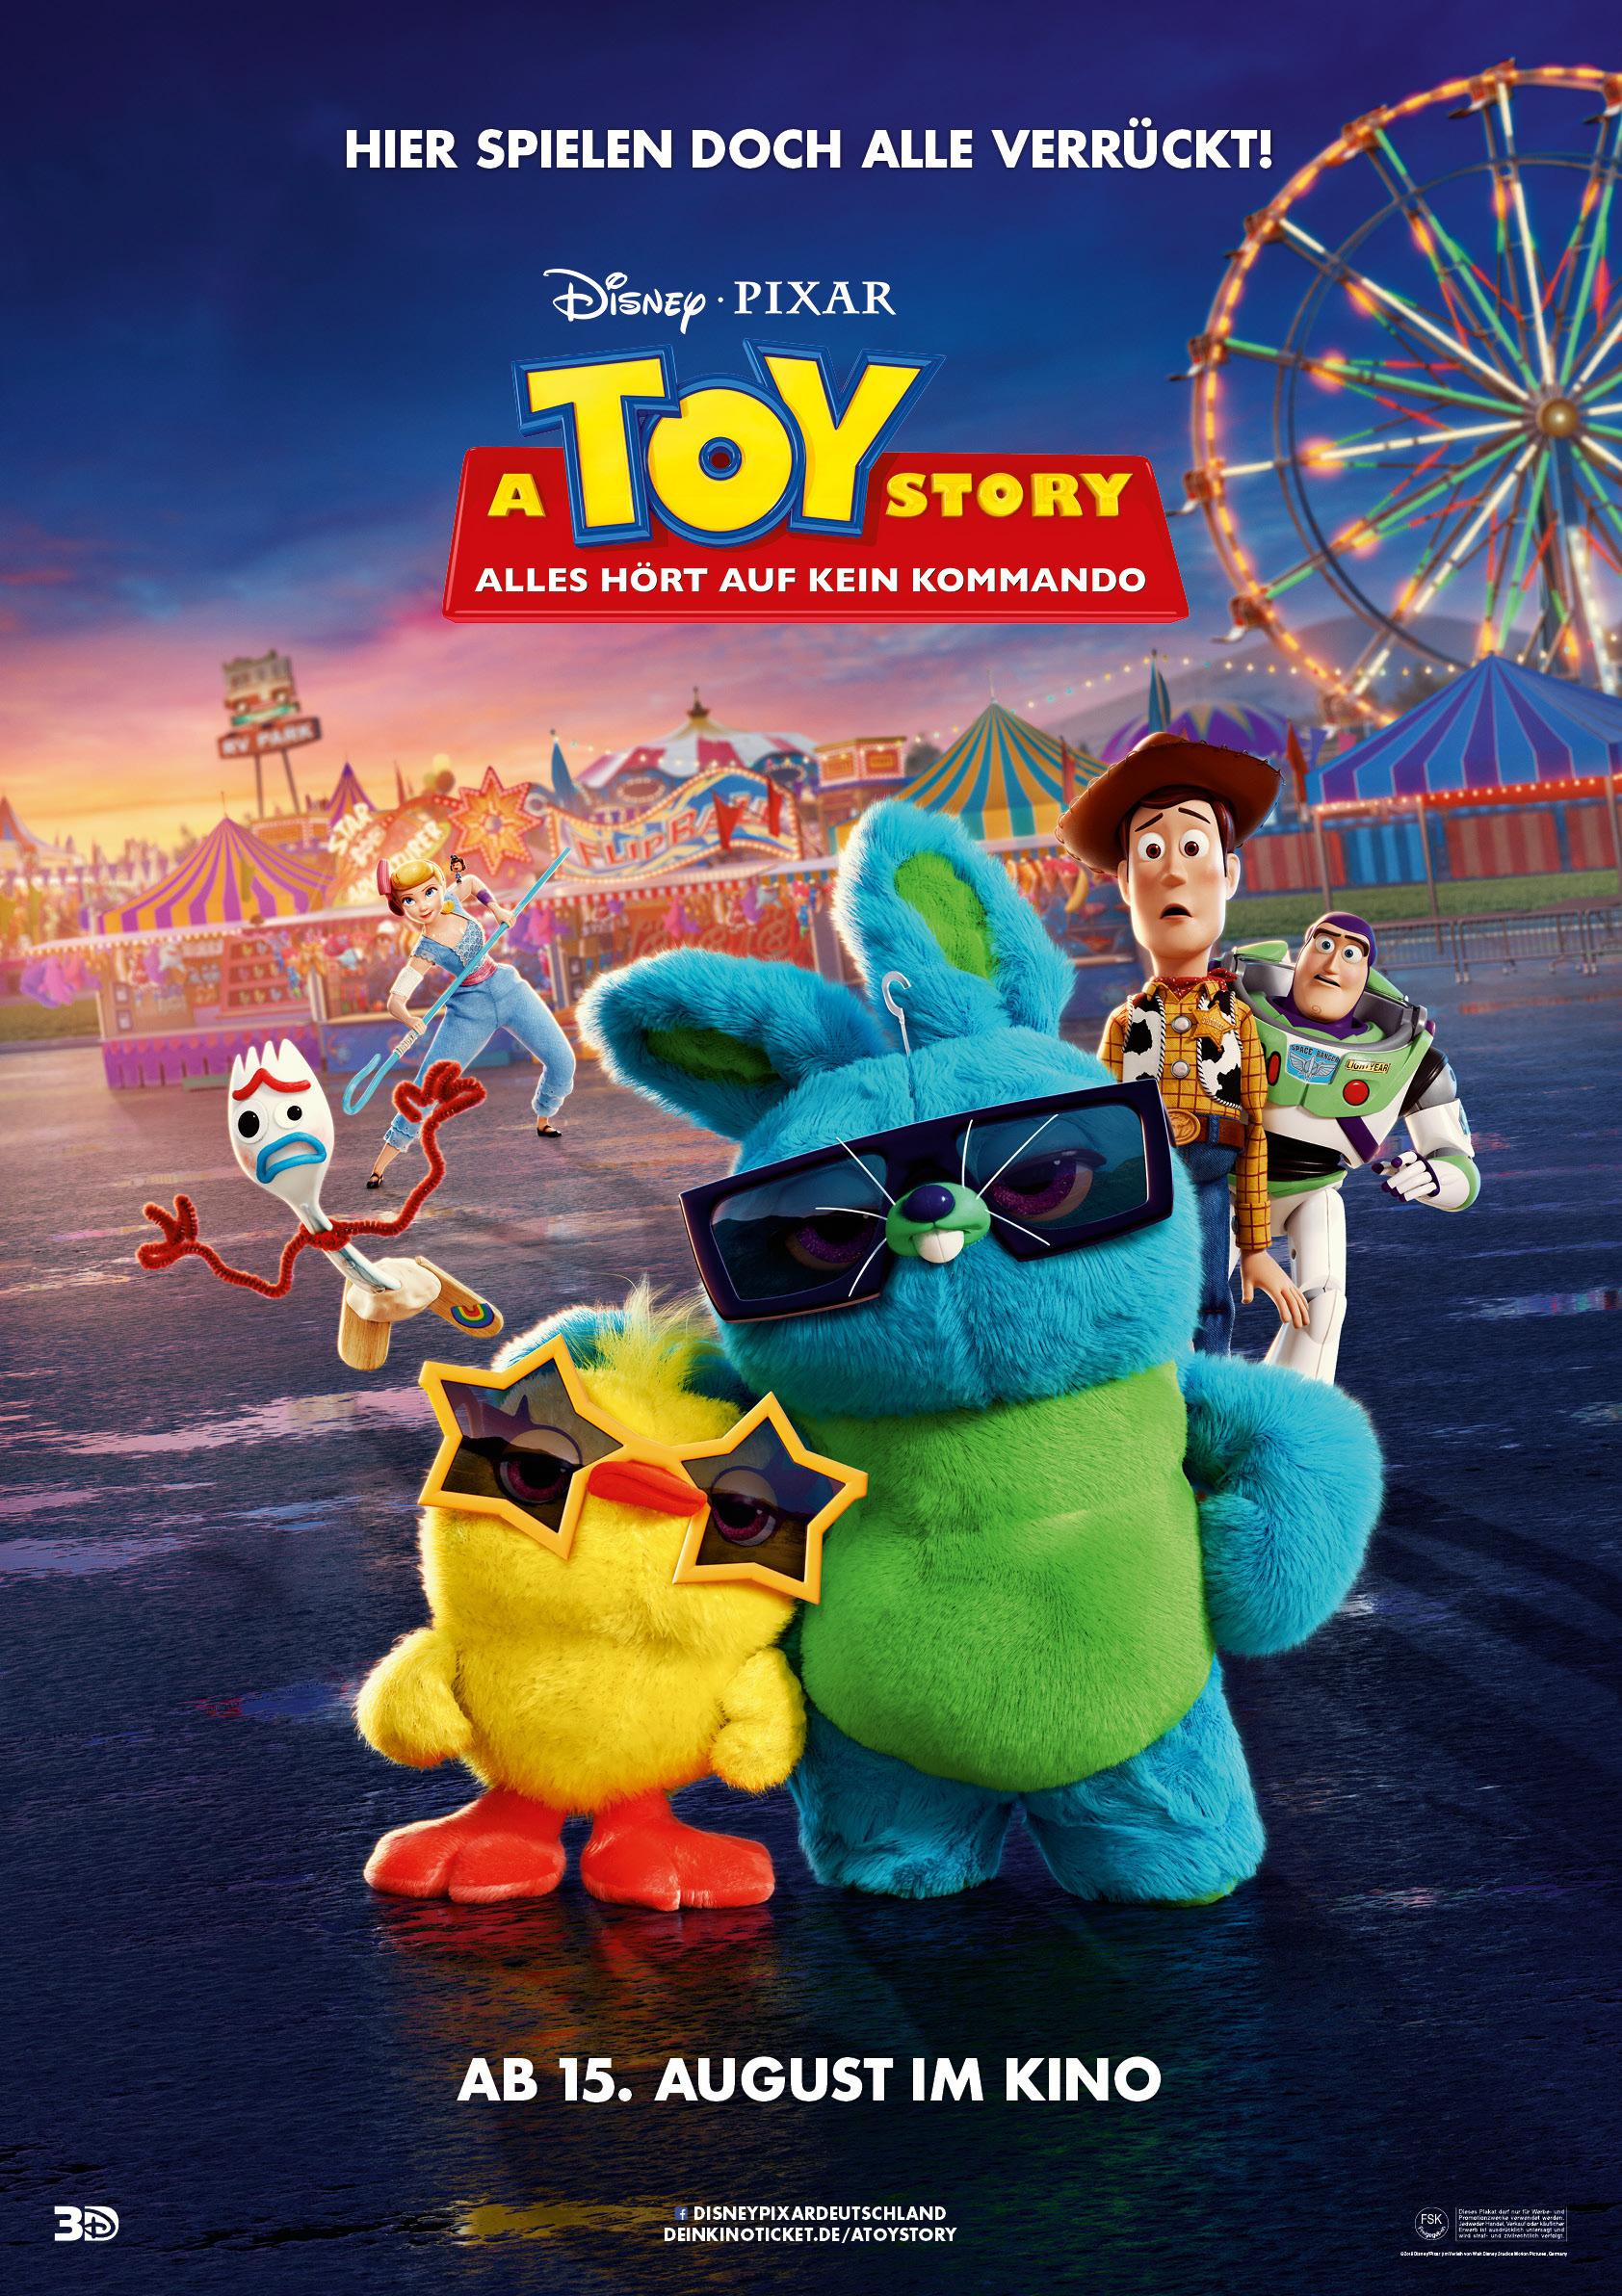 A Toy Story Alles Hort Auf Kein Kommando Disney Wiki Fandom